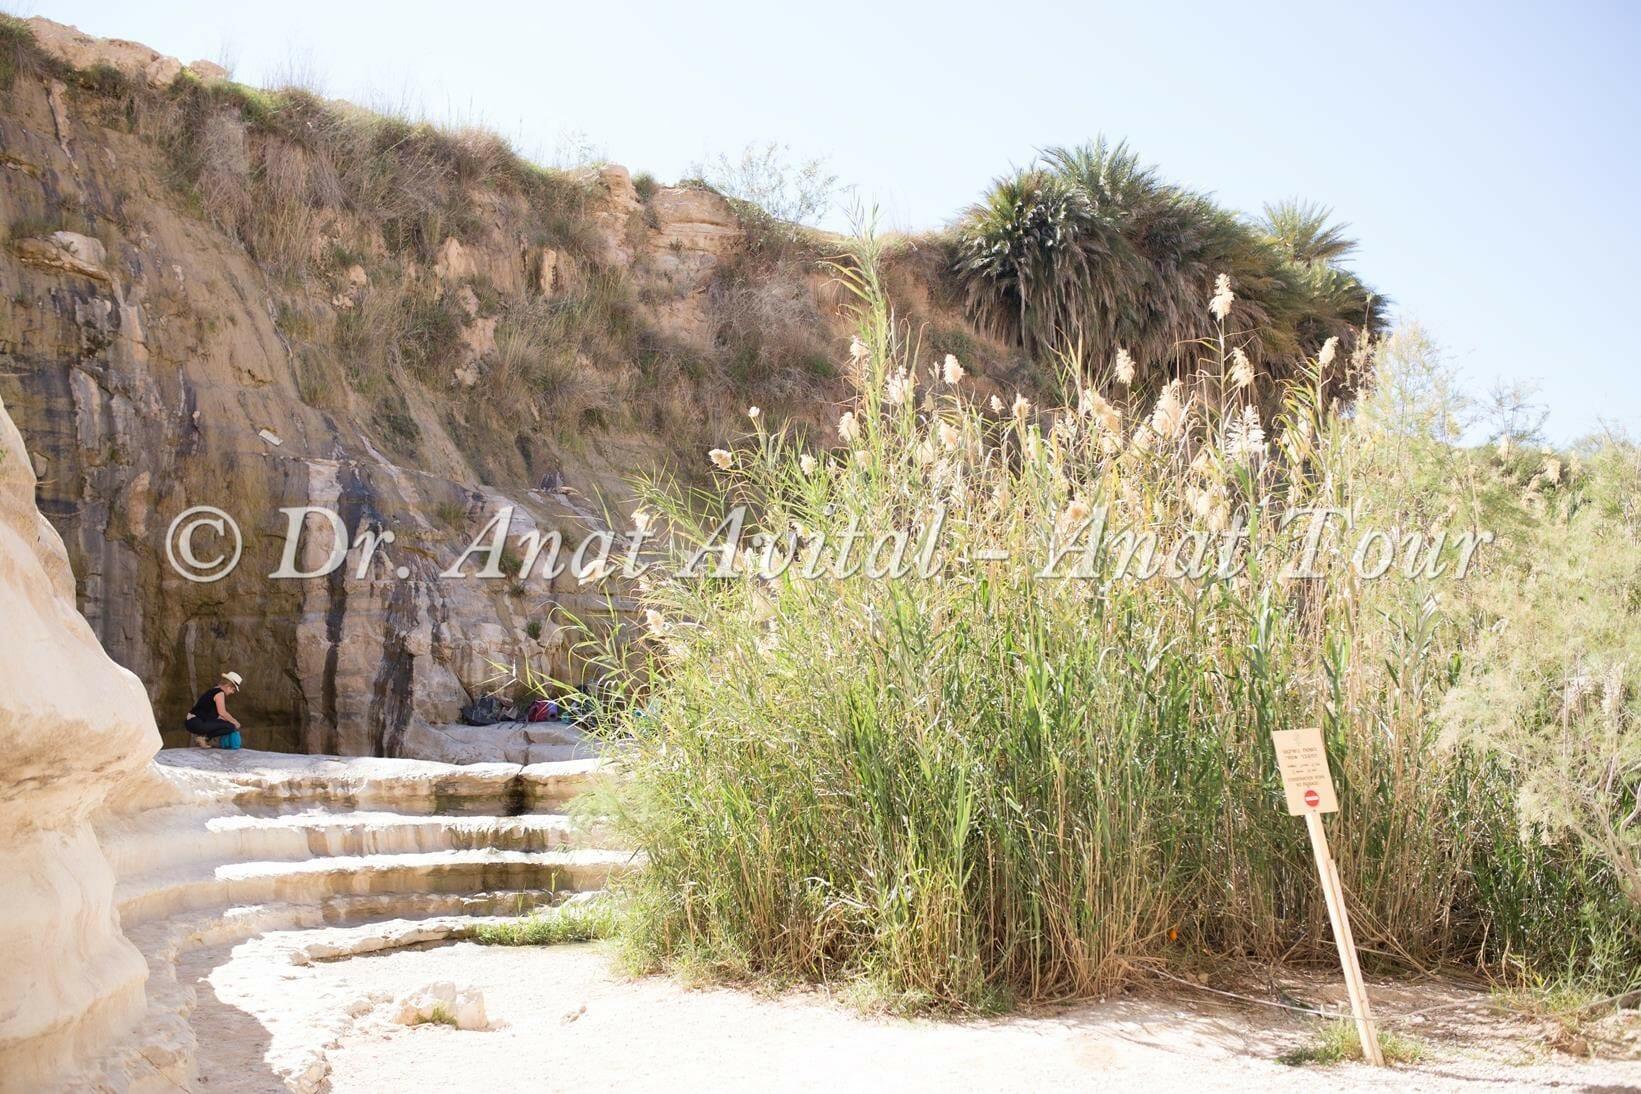 """עין עקב: מעין וברכה בהר הנגב, נחל צין, צילום: ד""""ר ענת אביטל"""